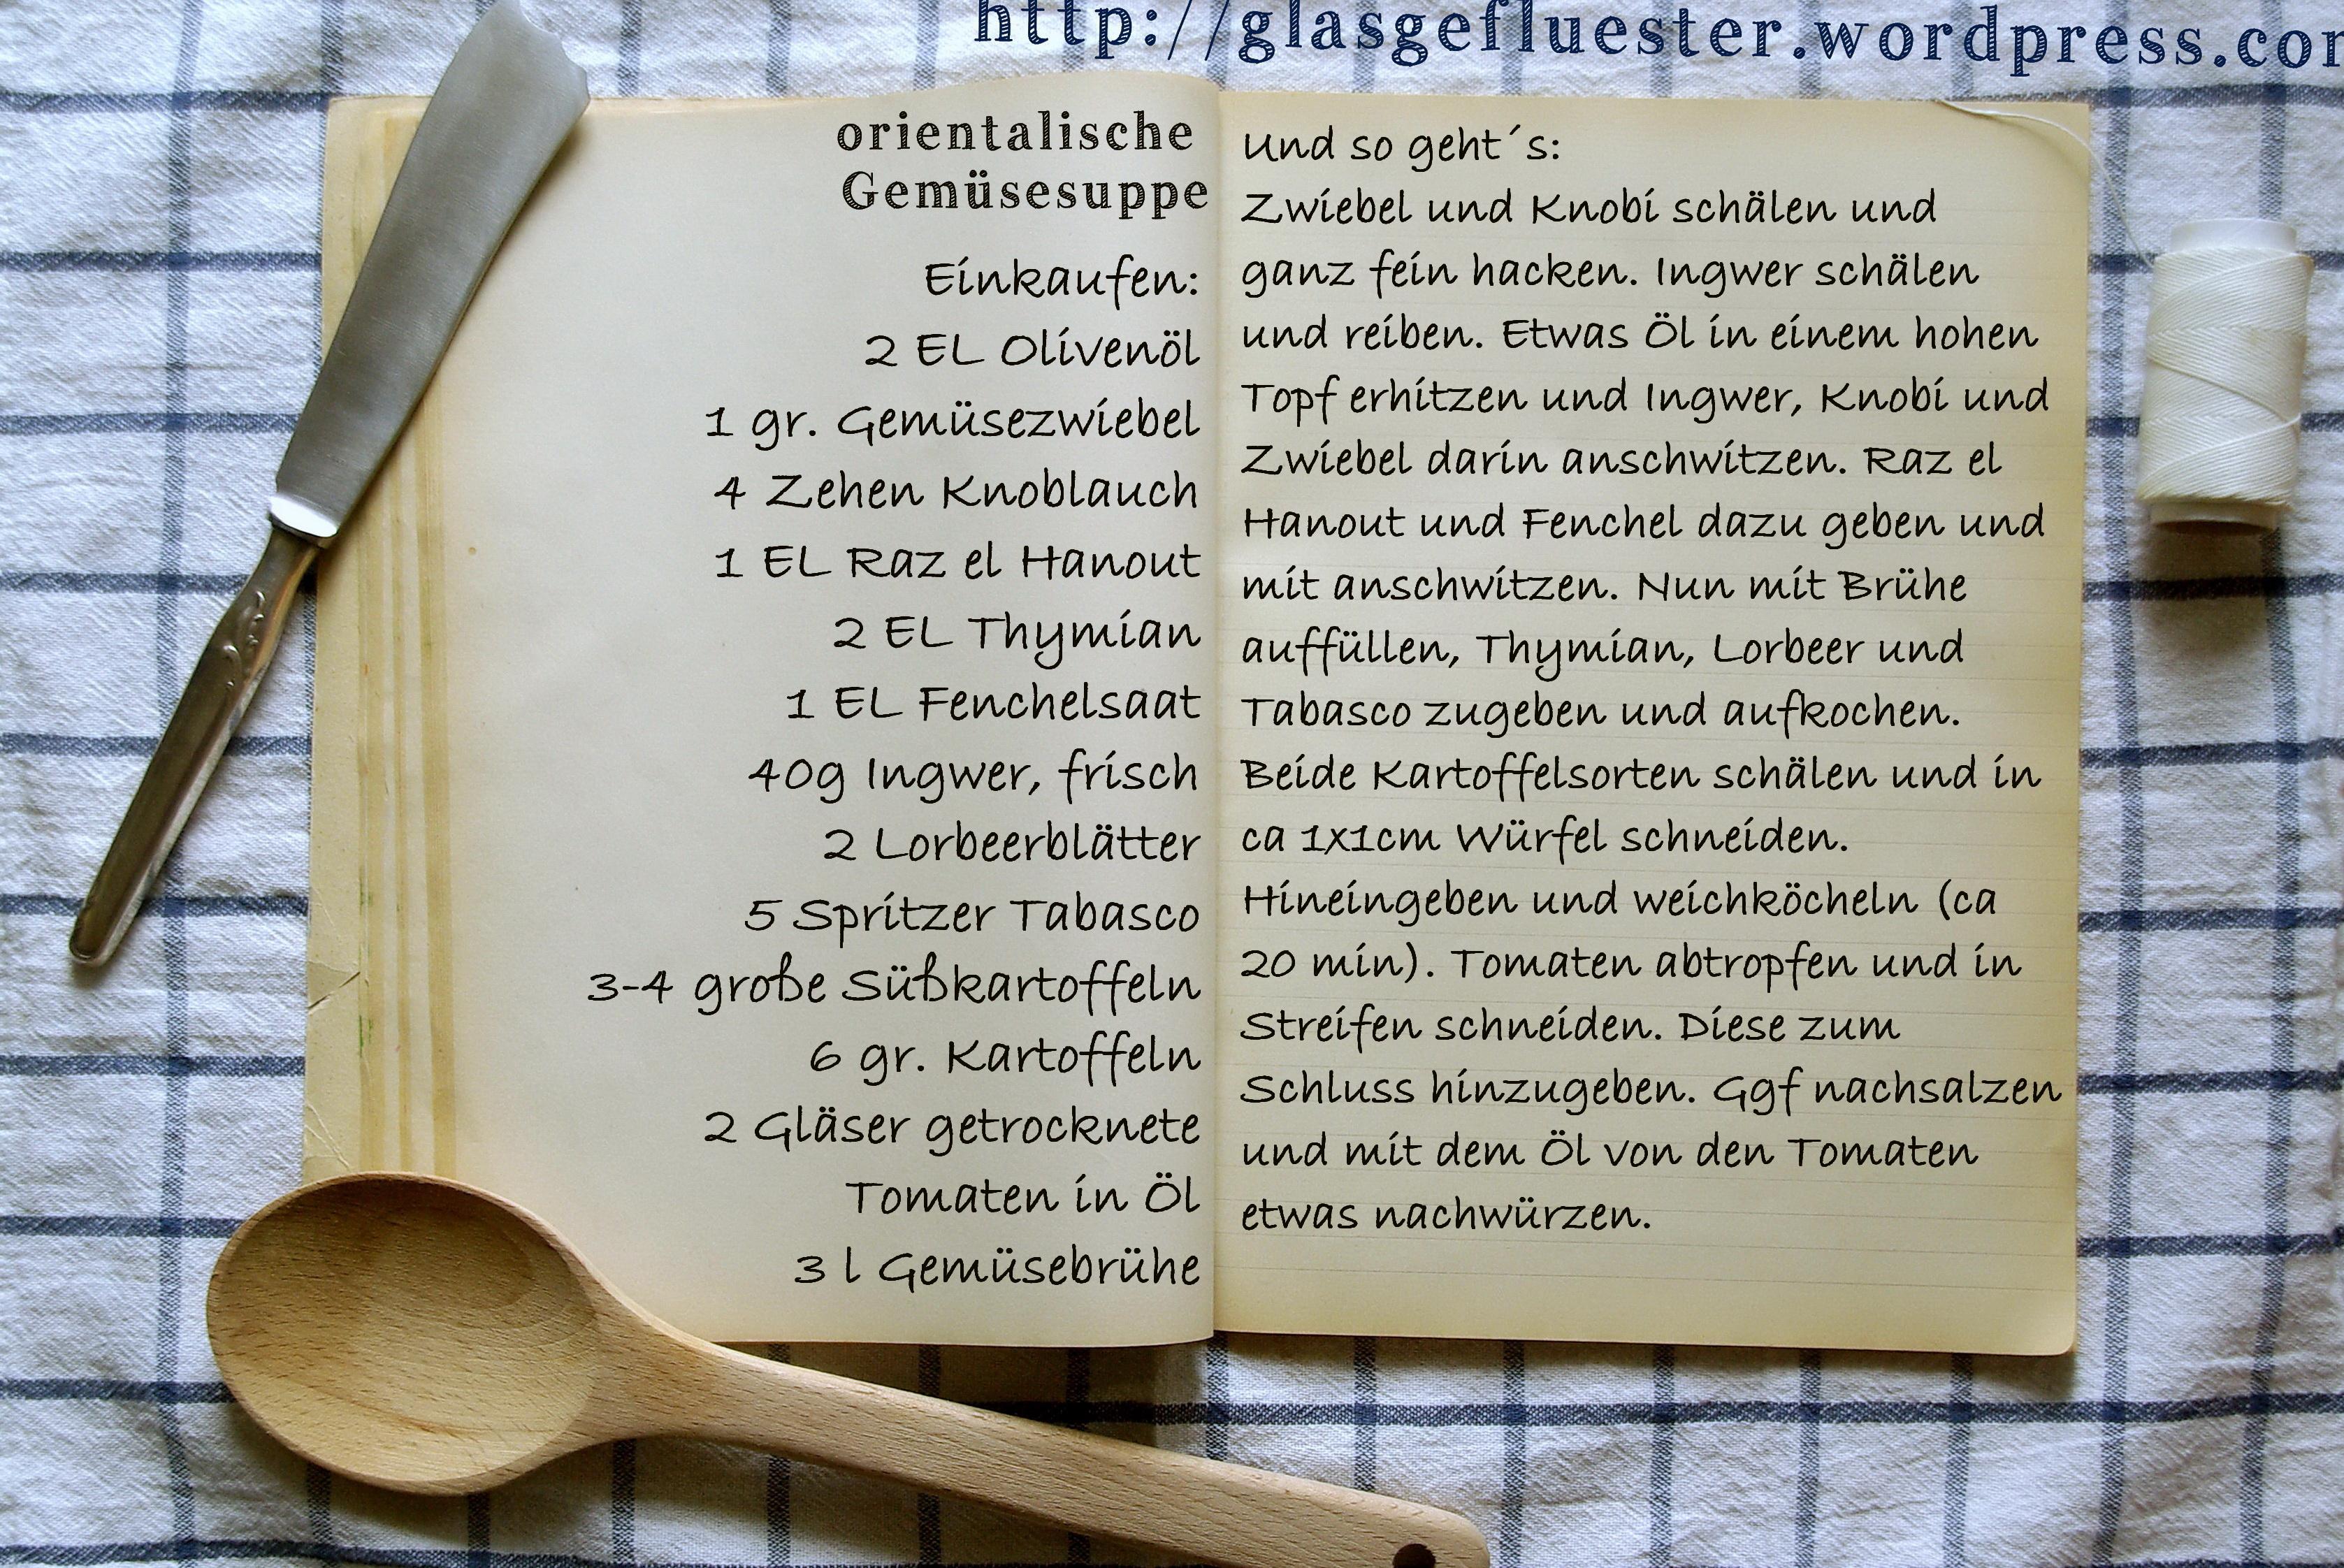 Einkaufszettel orientalische Gemüsesuppe by Glasgefluester